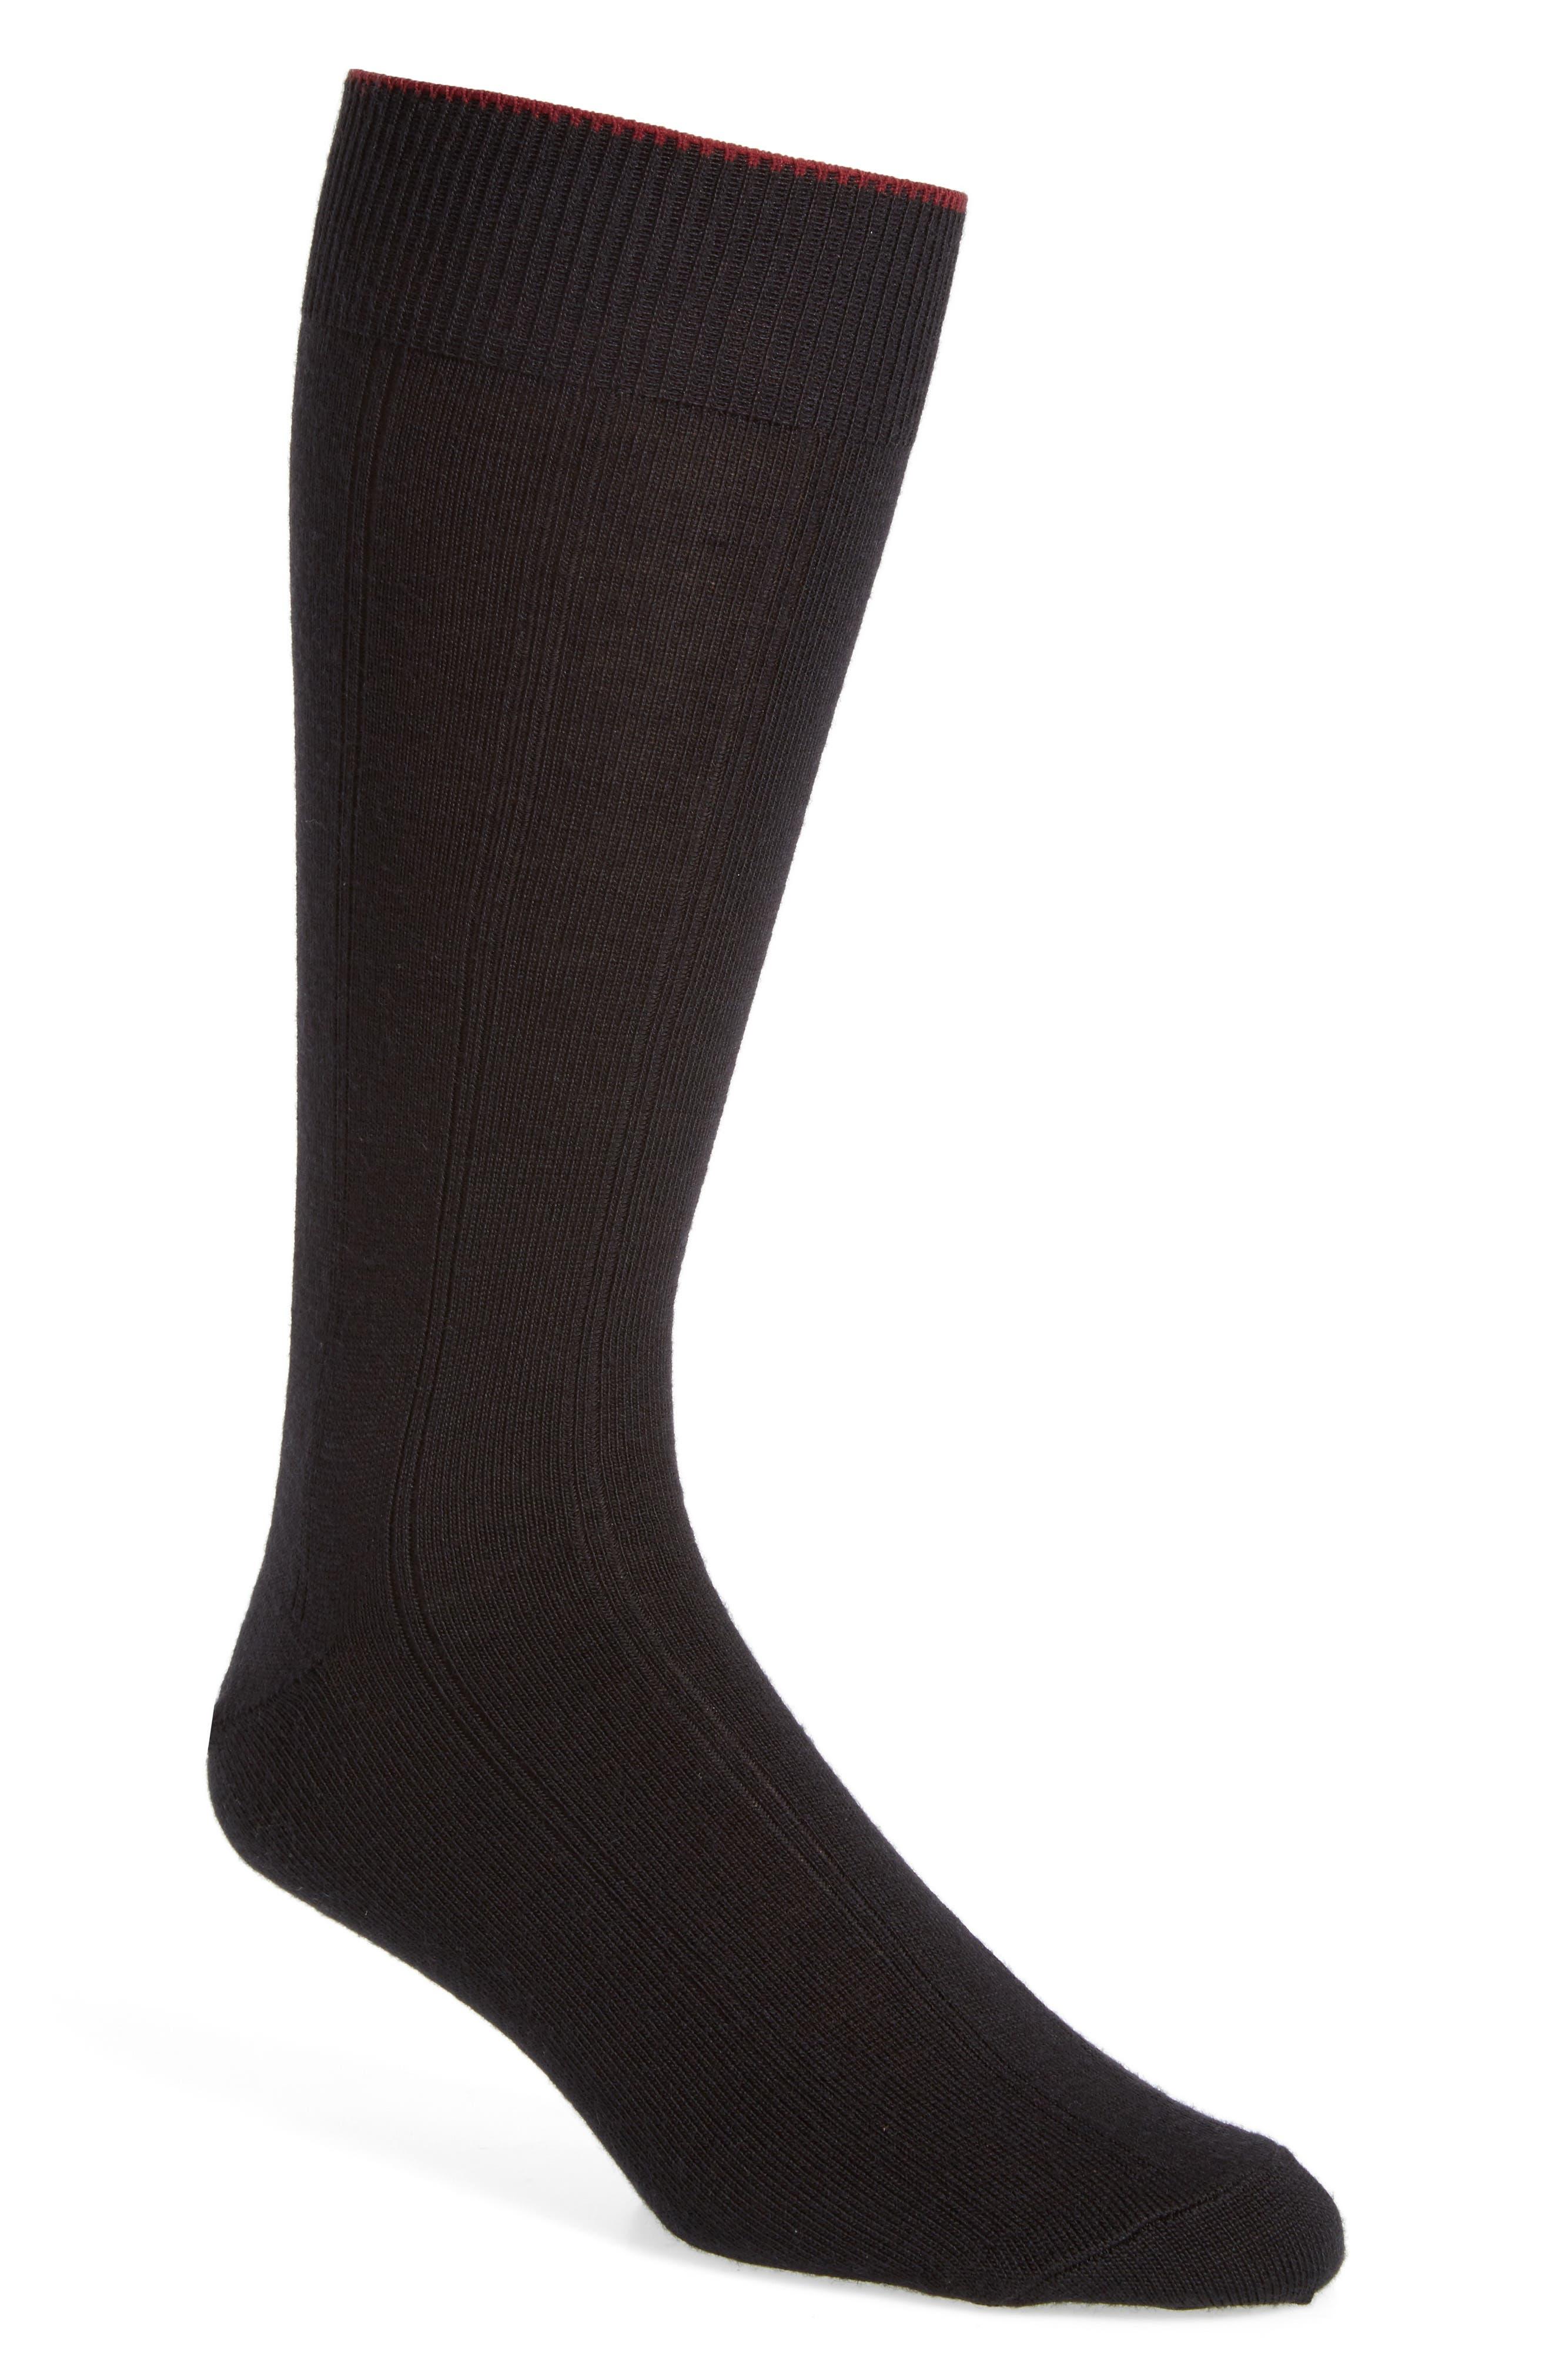 NORDSTROM MENS SHOP Nordstrom Mens Shop Rib Wool Blend Socks